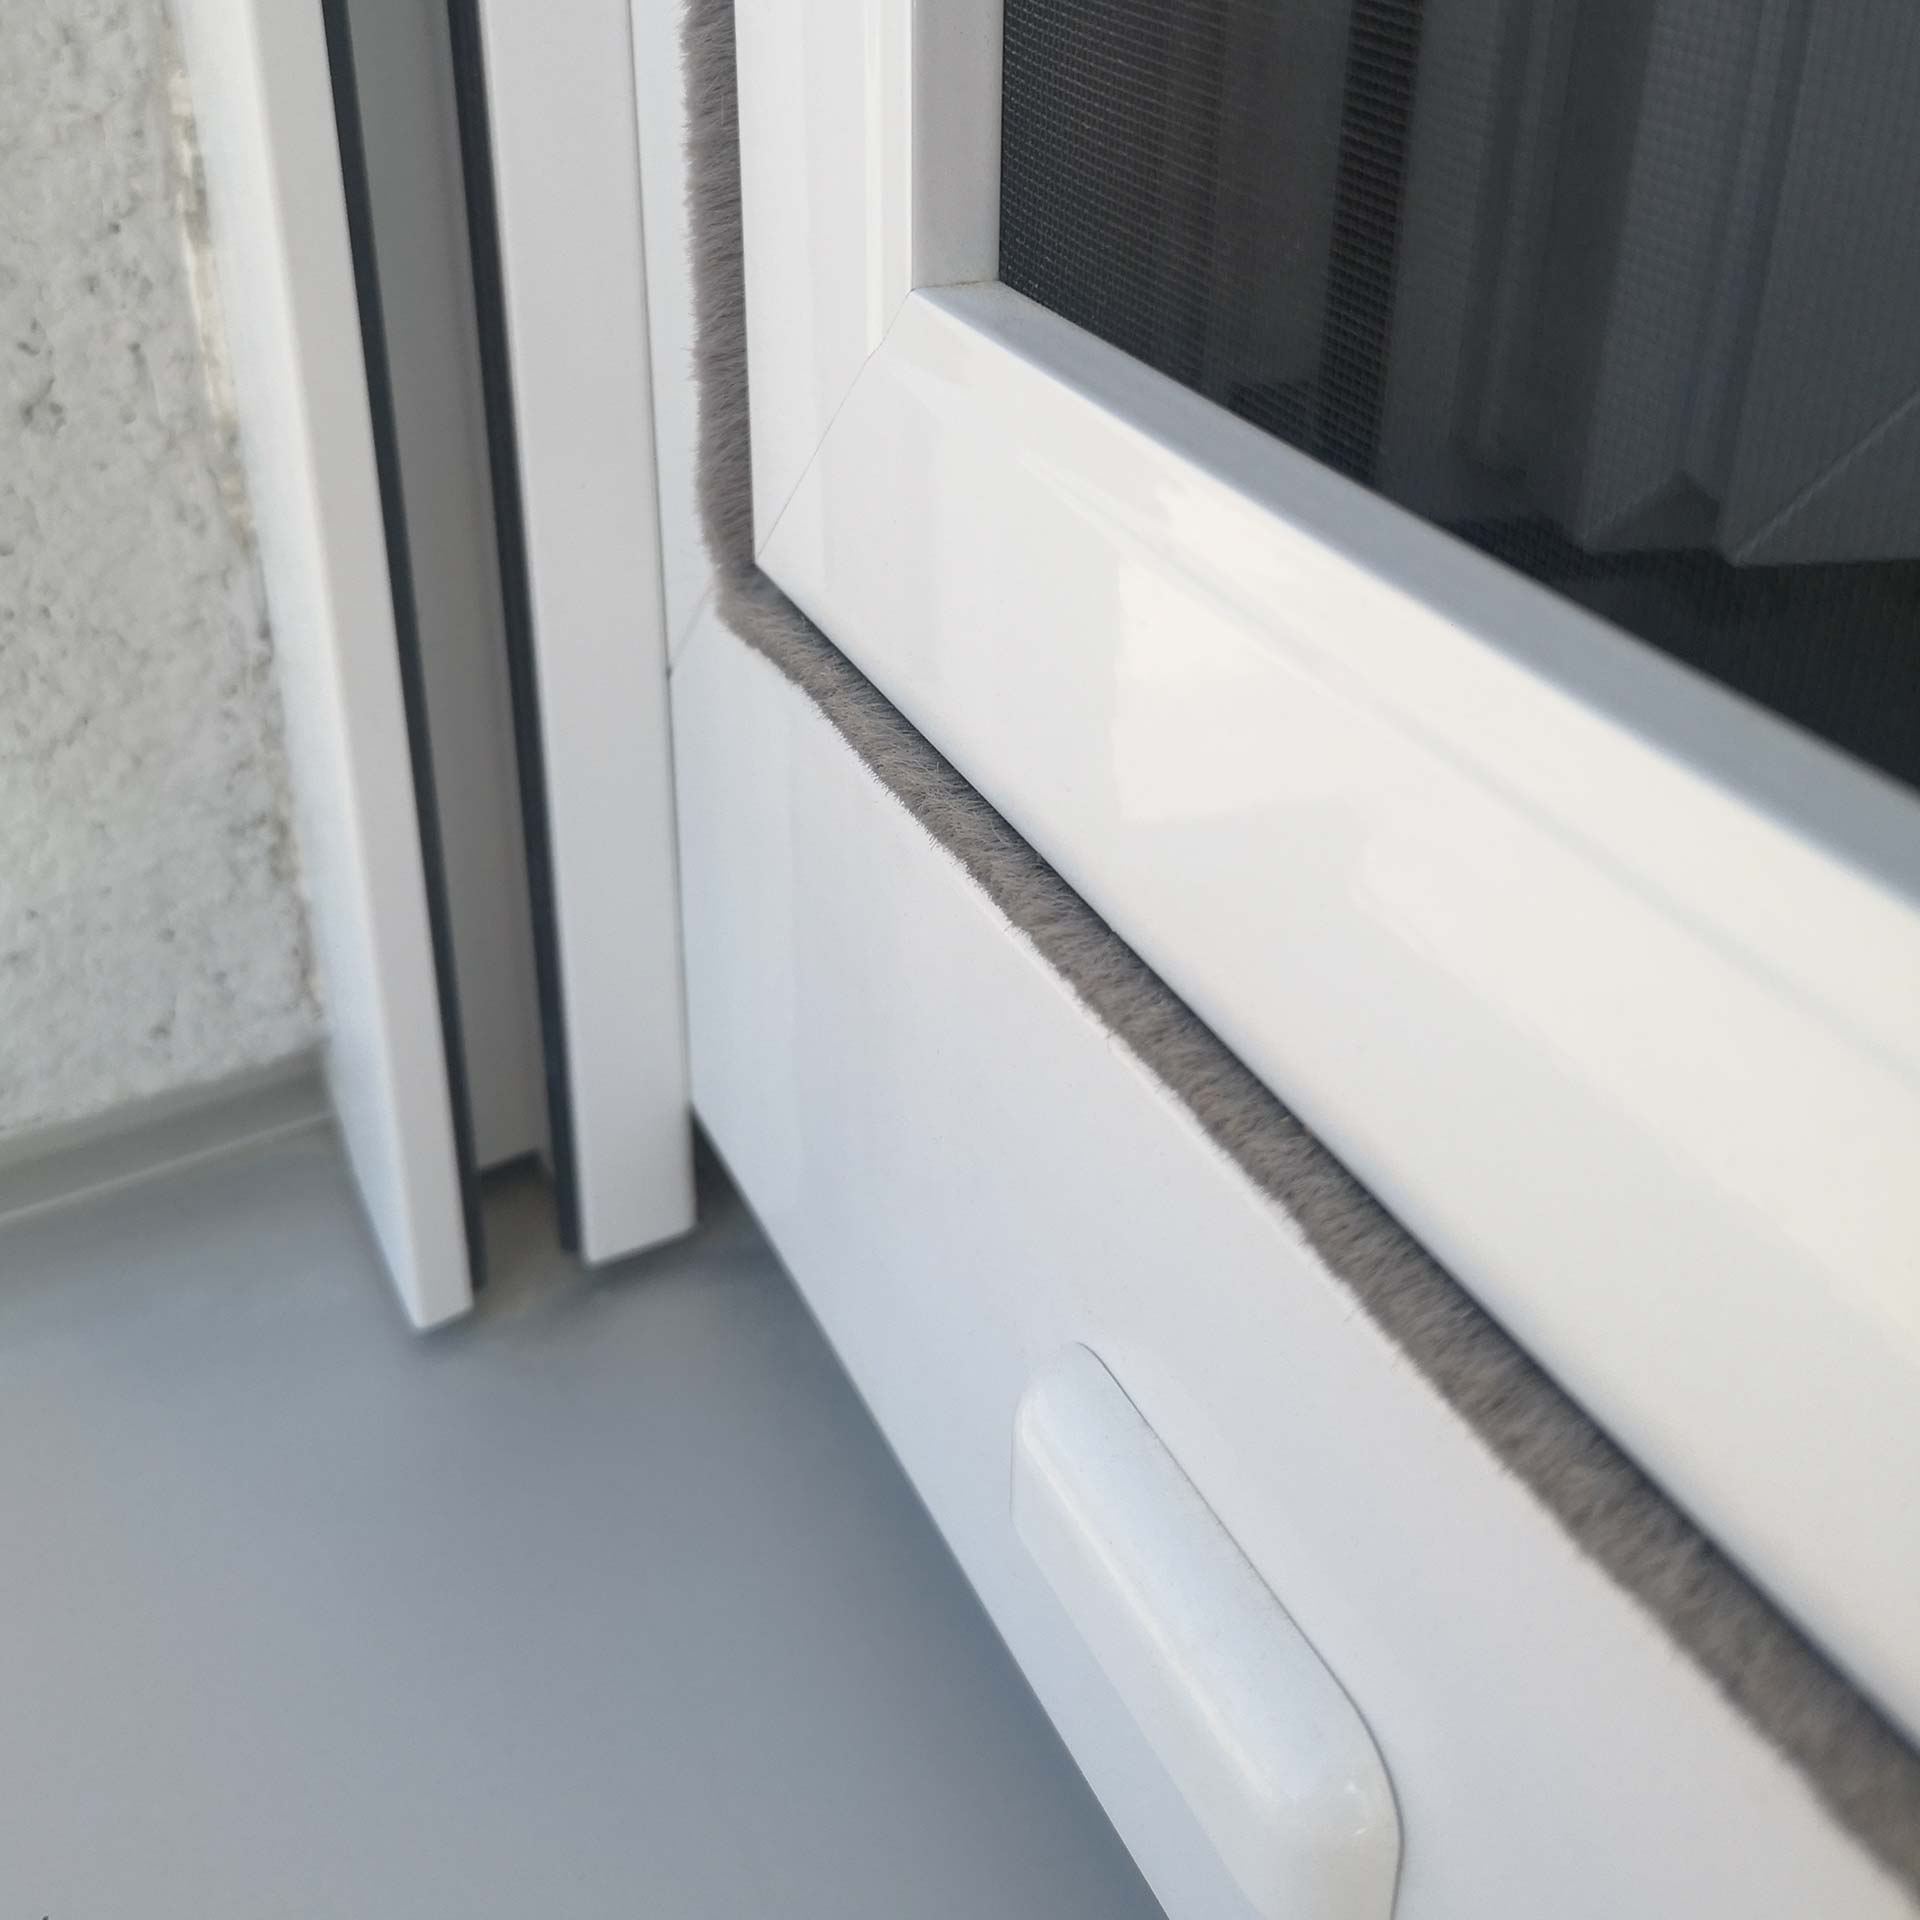 Fliegengitter für Kunststofffenster von innen einhängen | fix & fertig | Florida